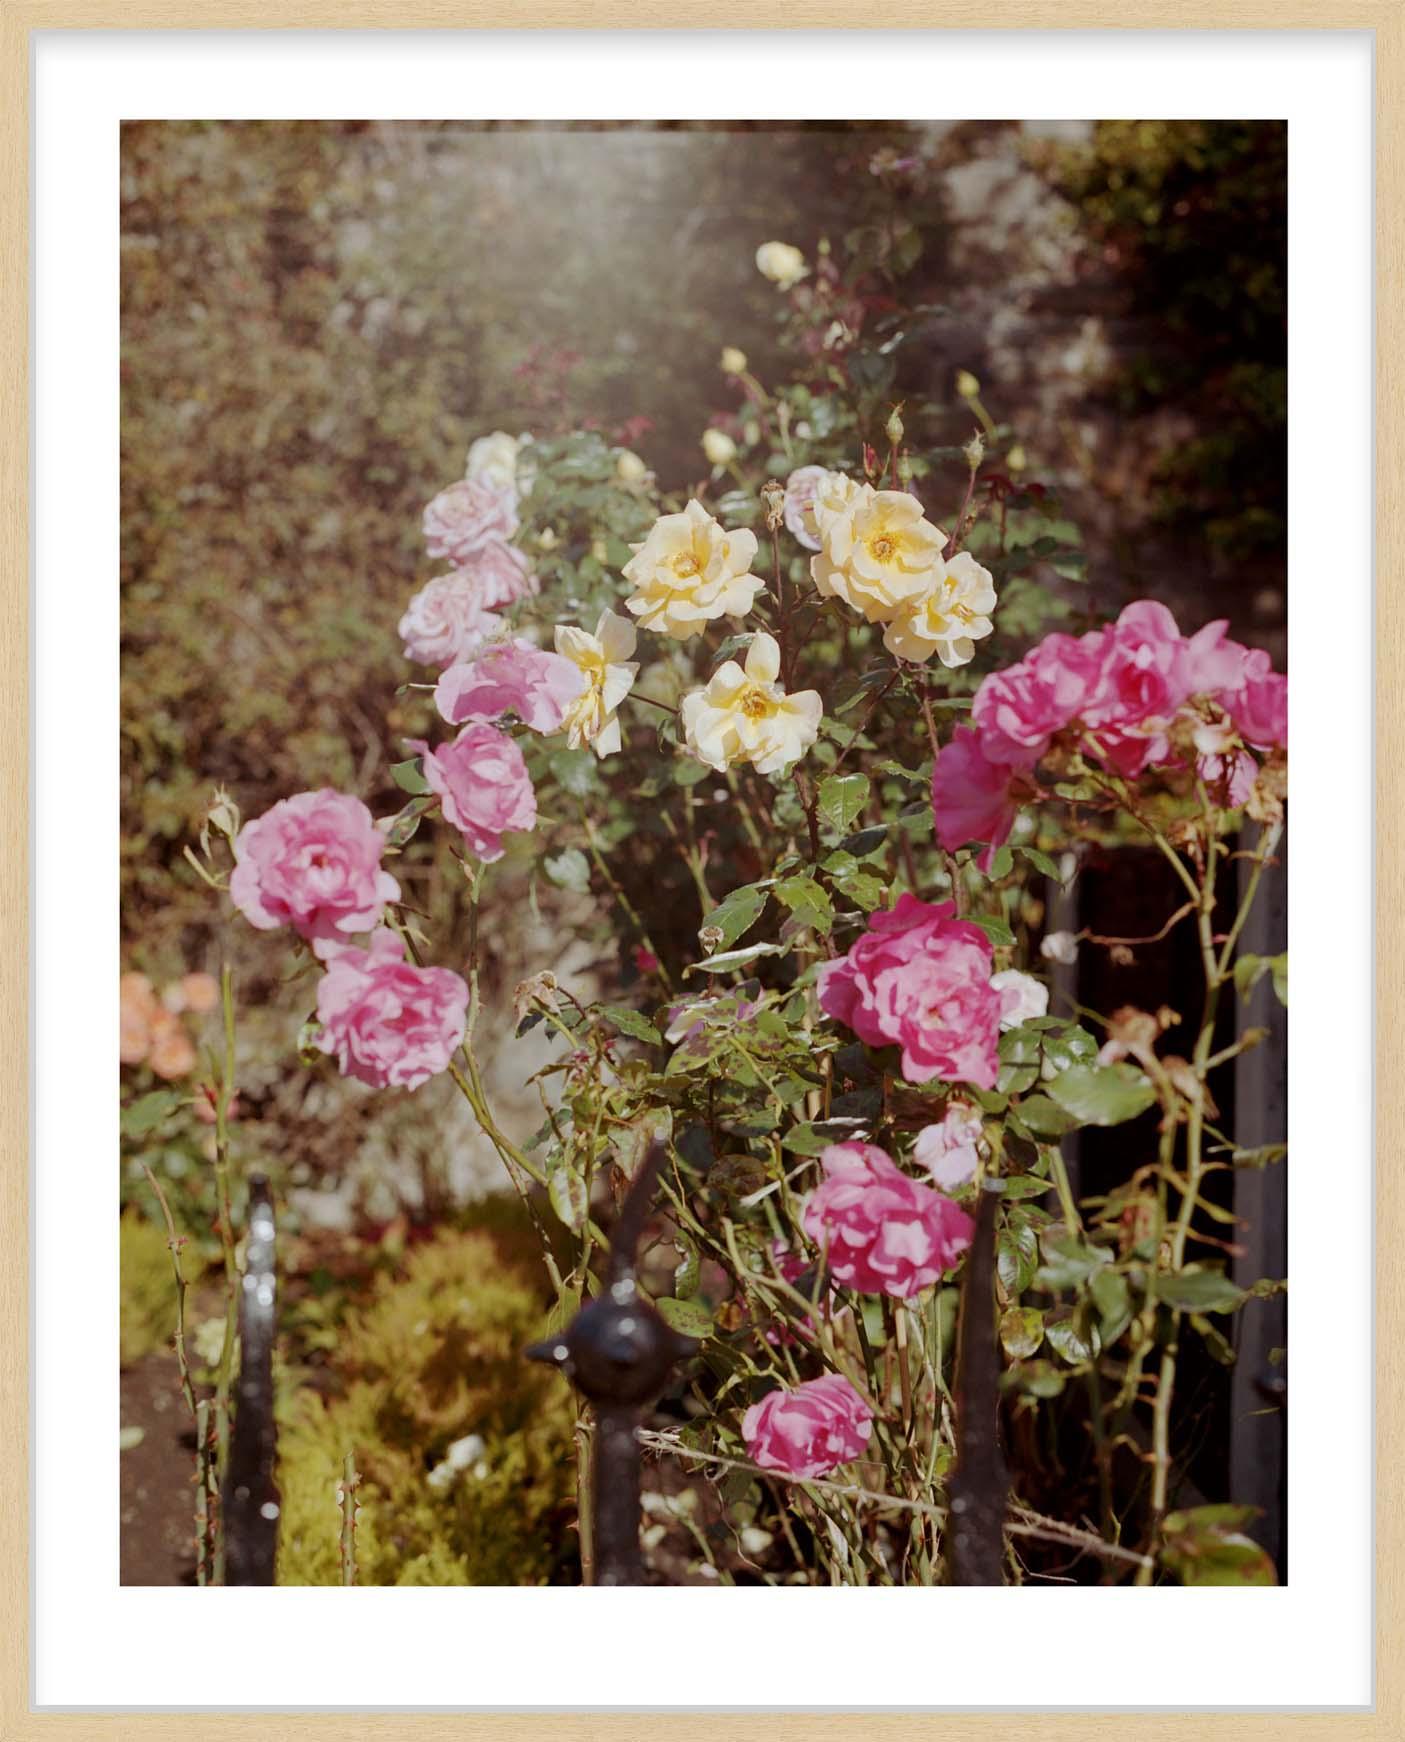 Hang Tough 'Garden Roses' Slip Mounted in Raw Ayous (Framing Only)